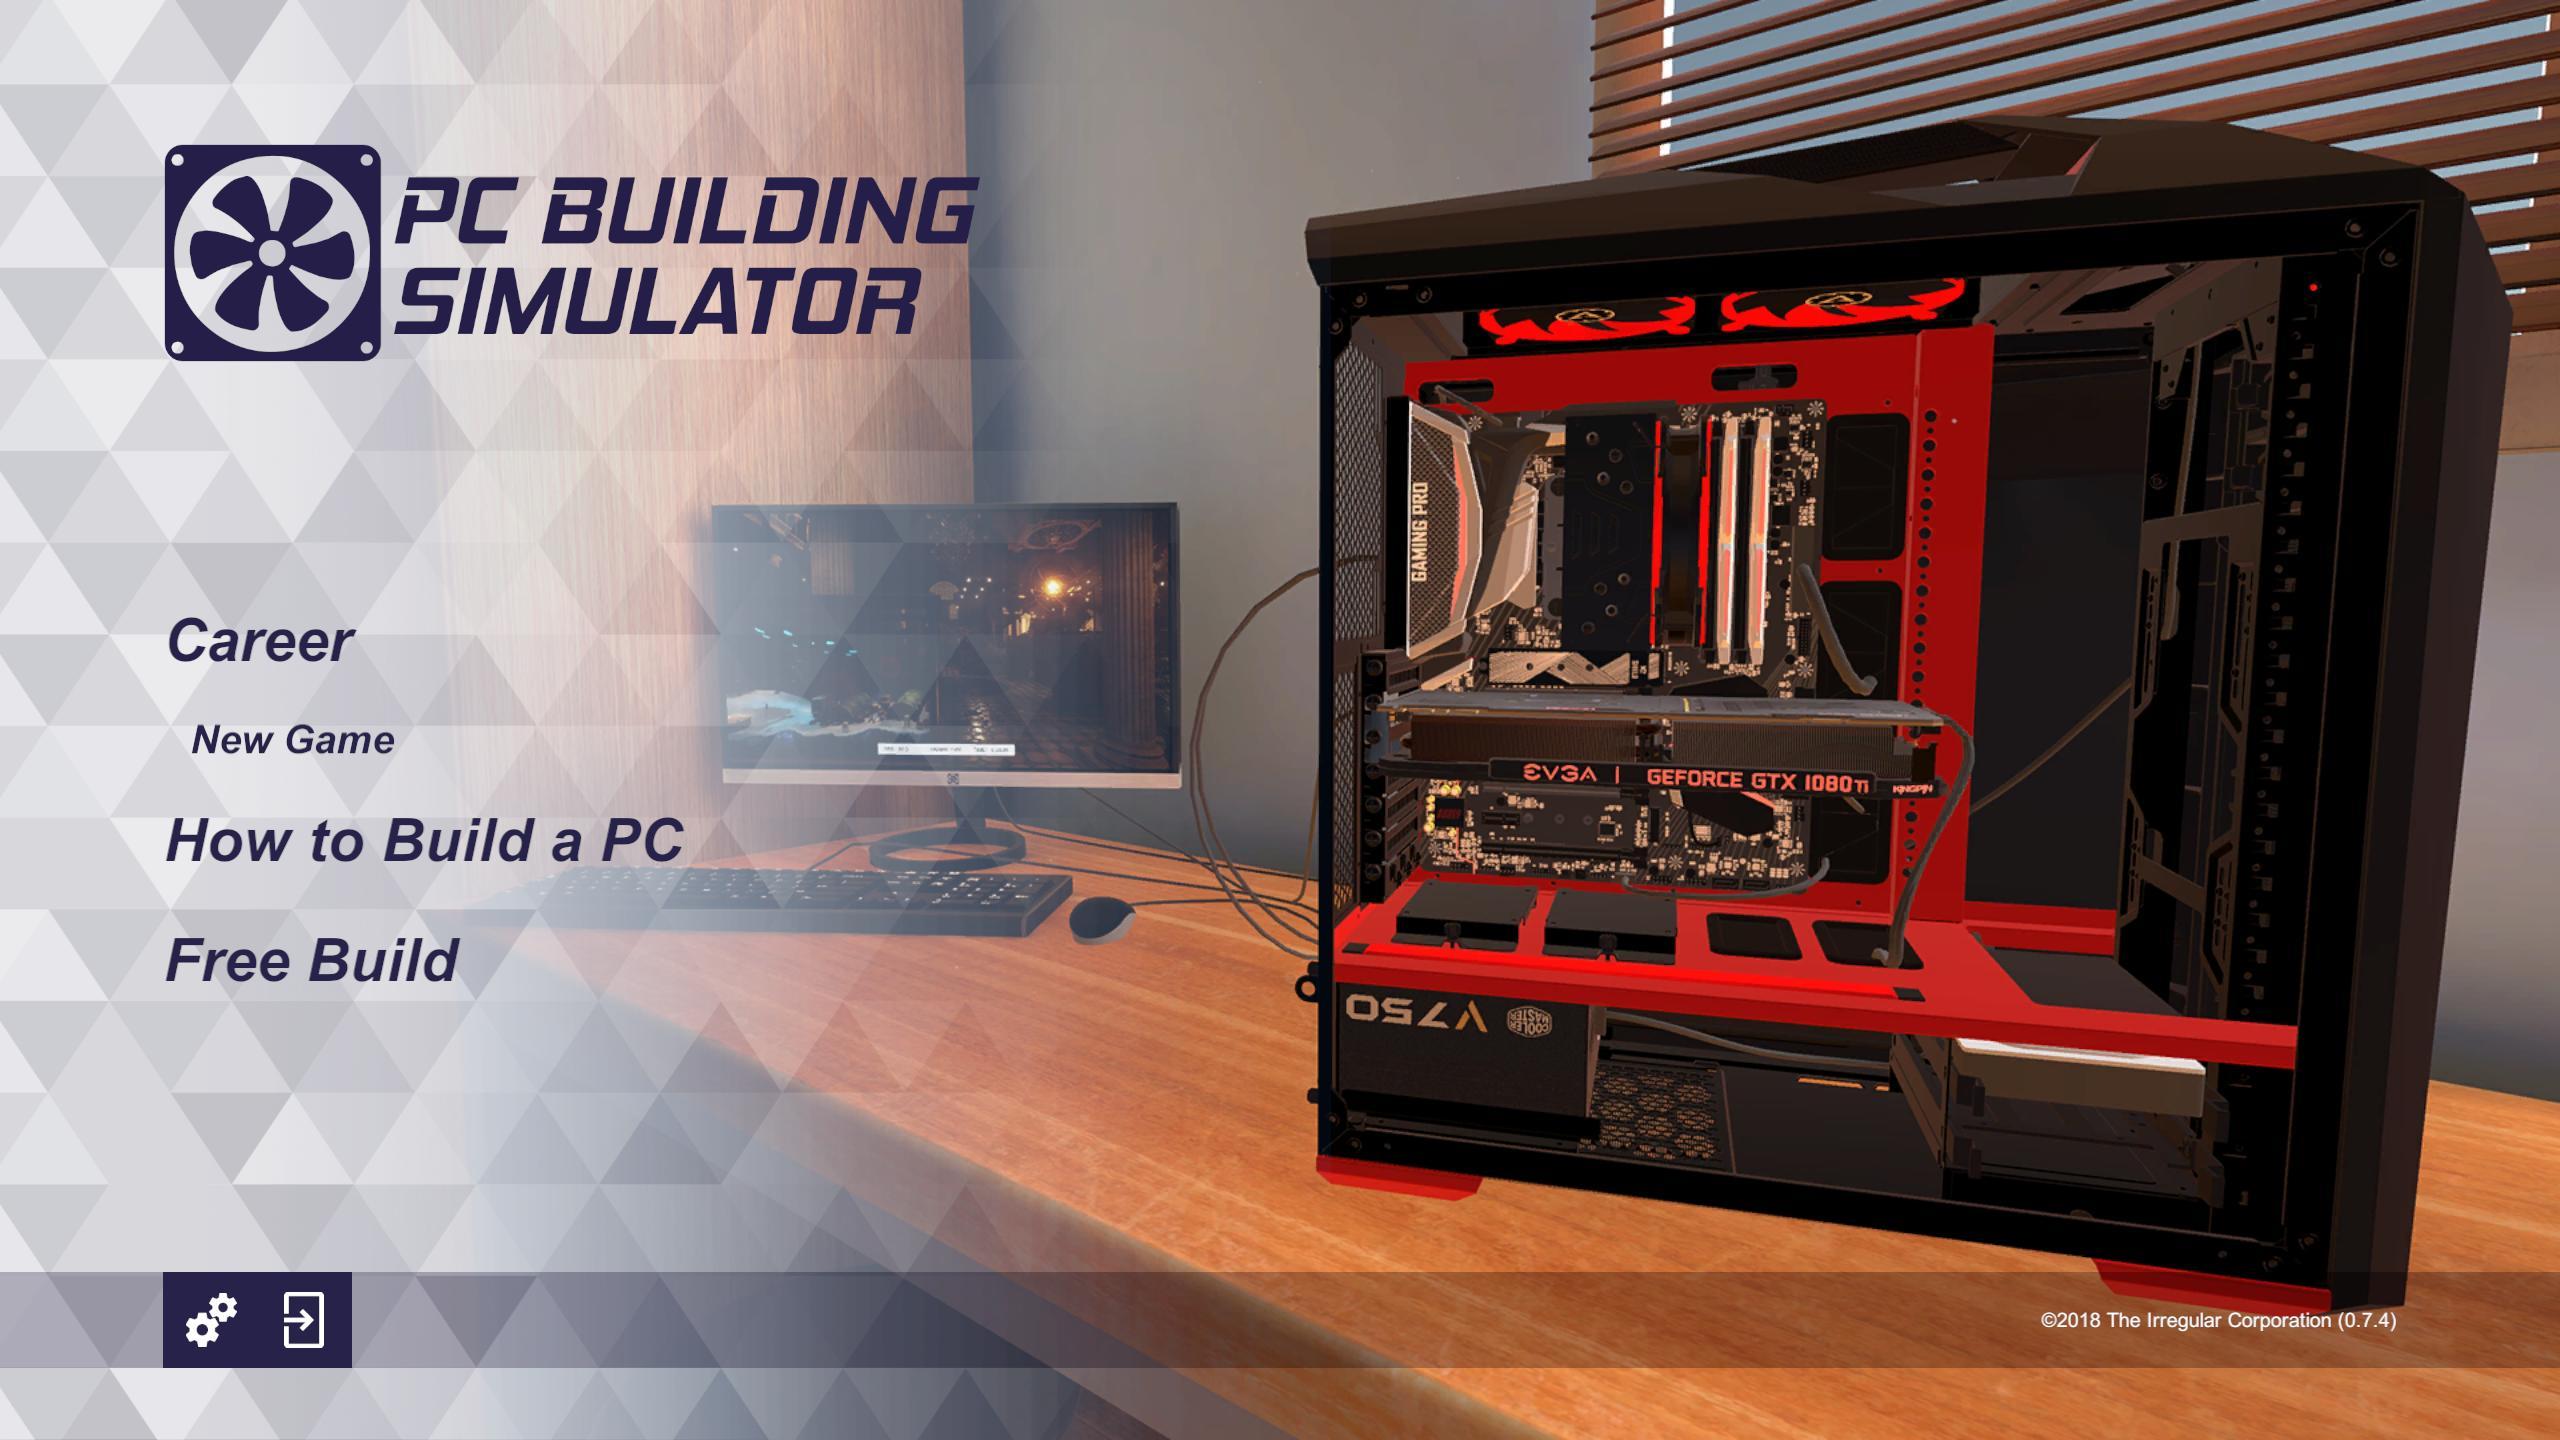 Скриншоты к PC Building Simulator (v0.7.9.1) (2018) полная версия